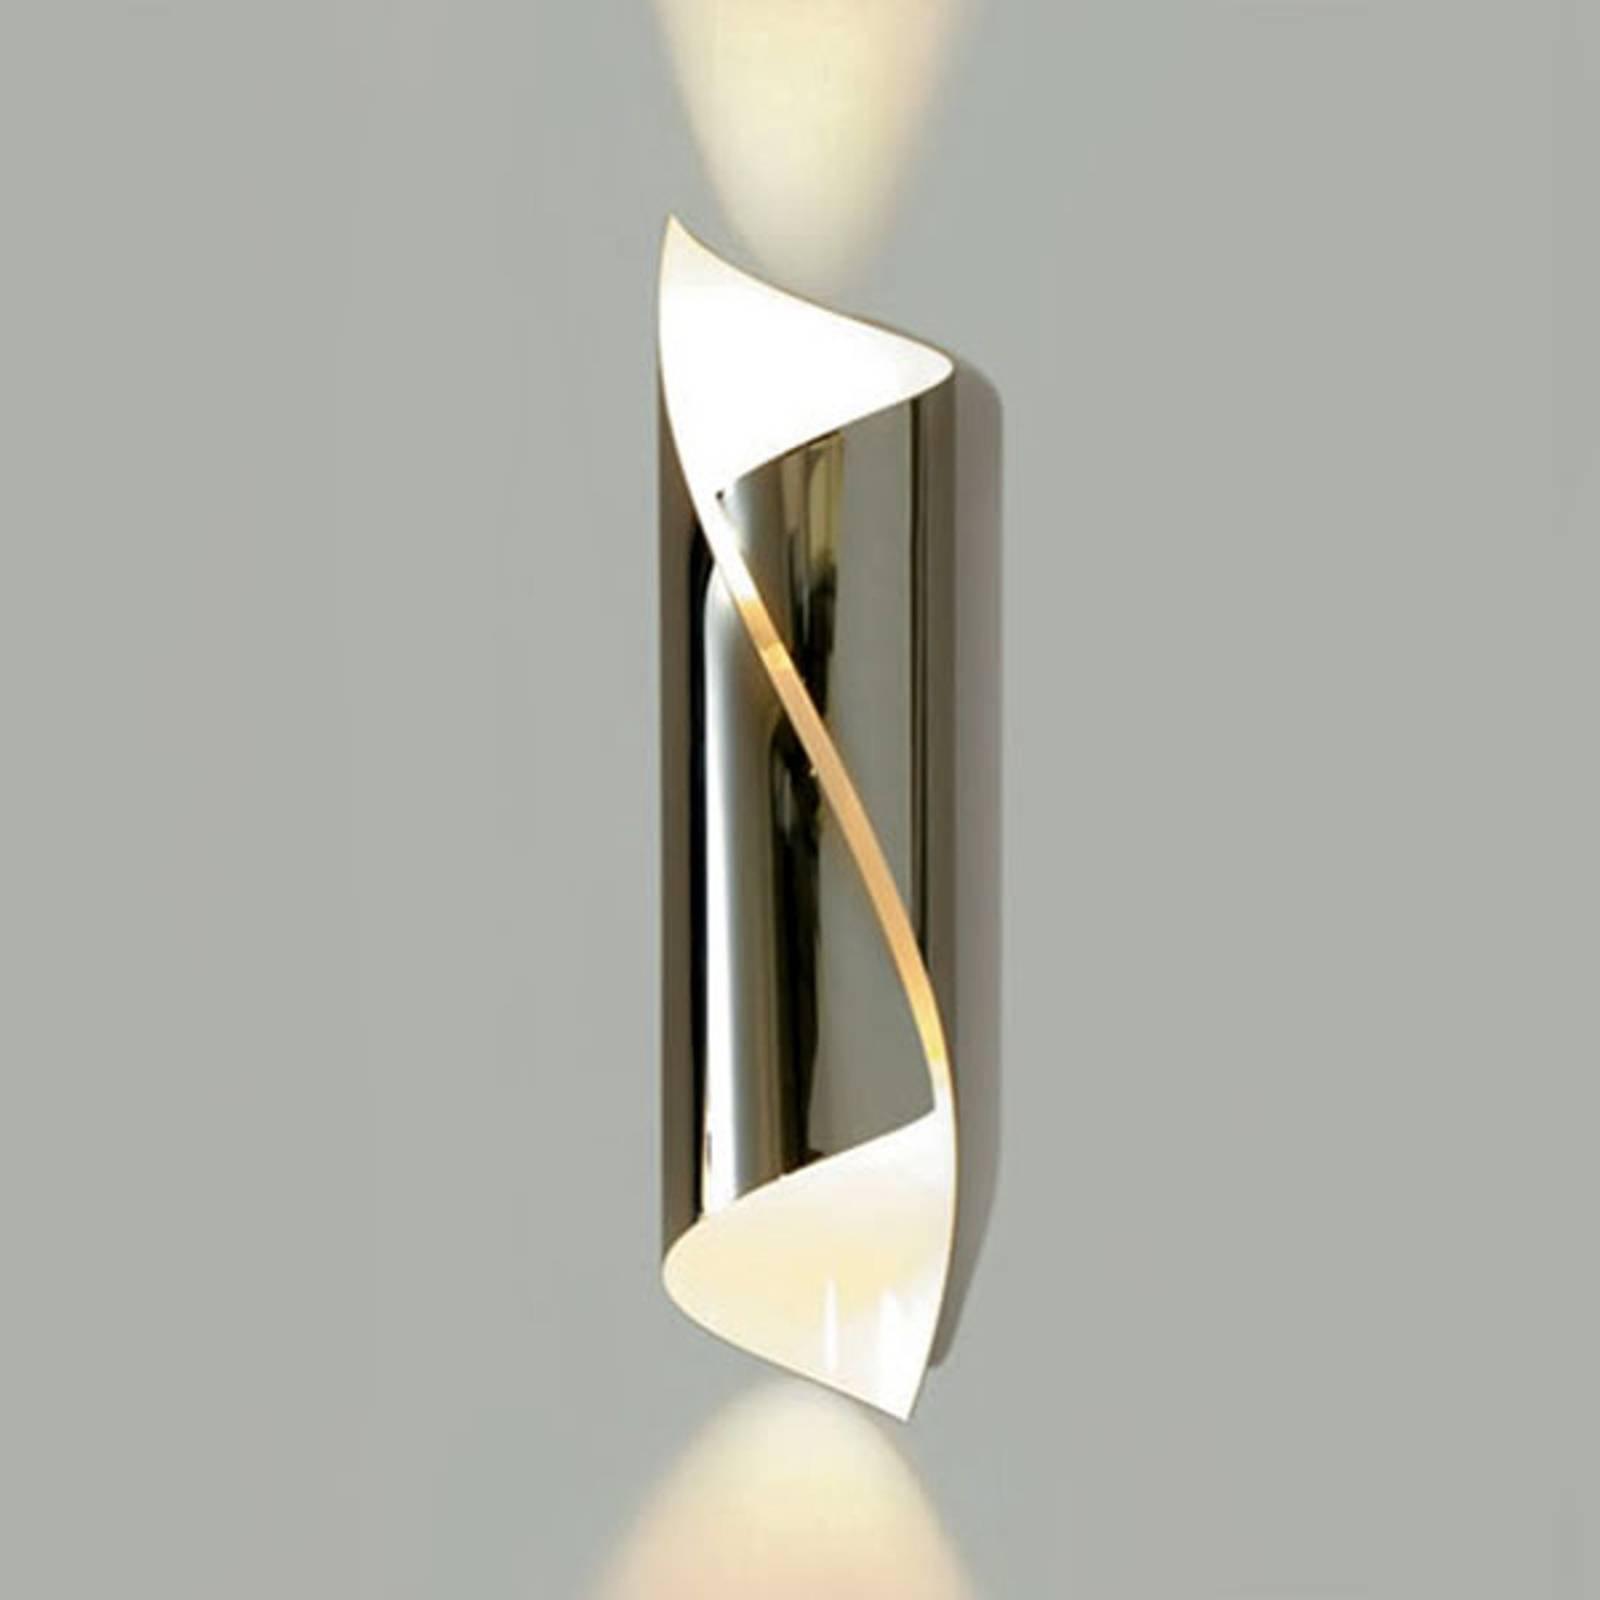 Knikerboker Hué LED-vegglampe høyde 54 cm krom